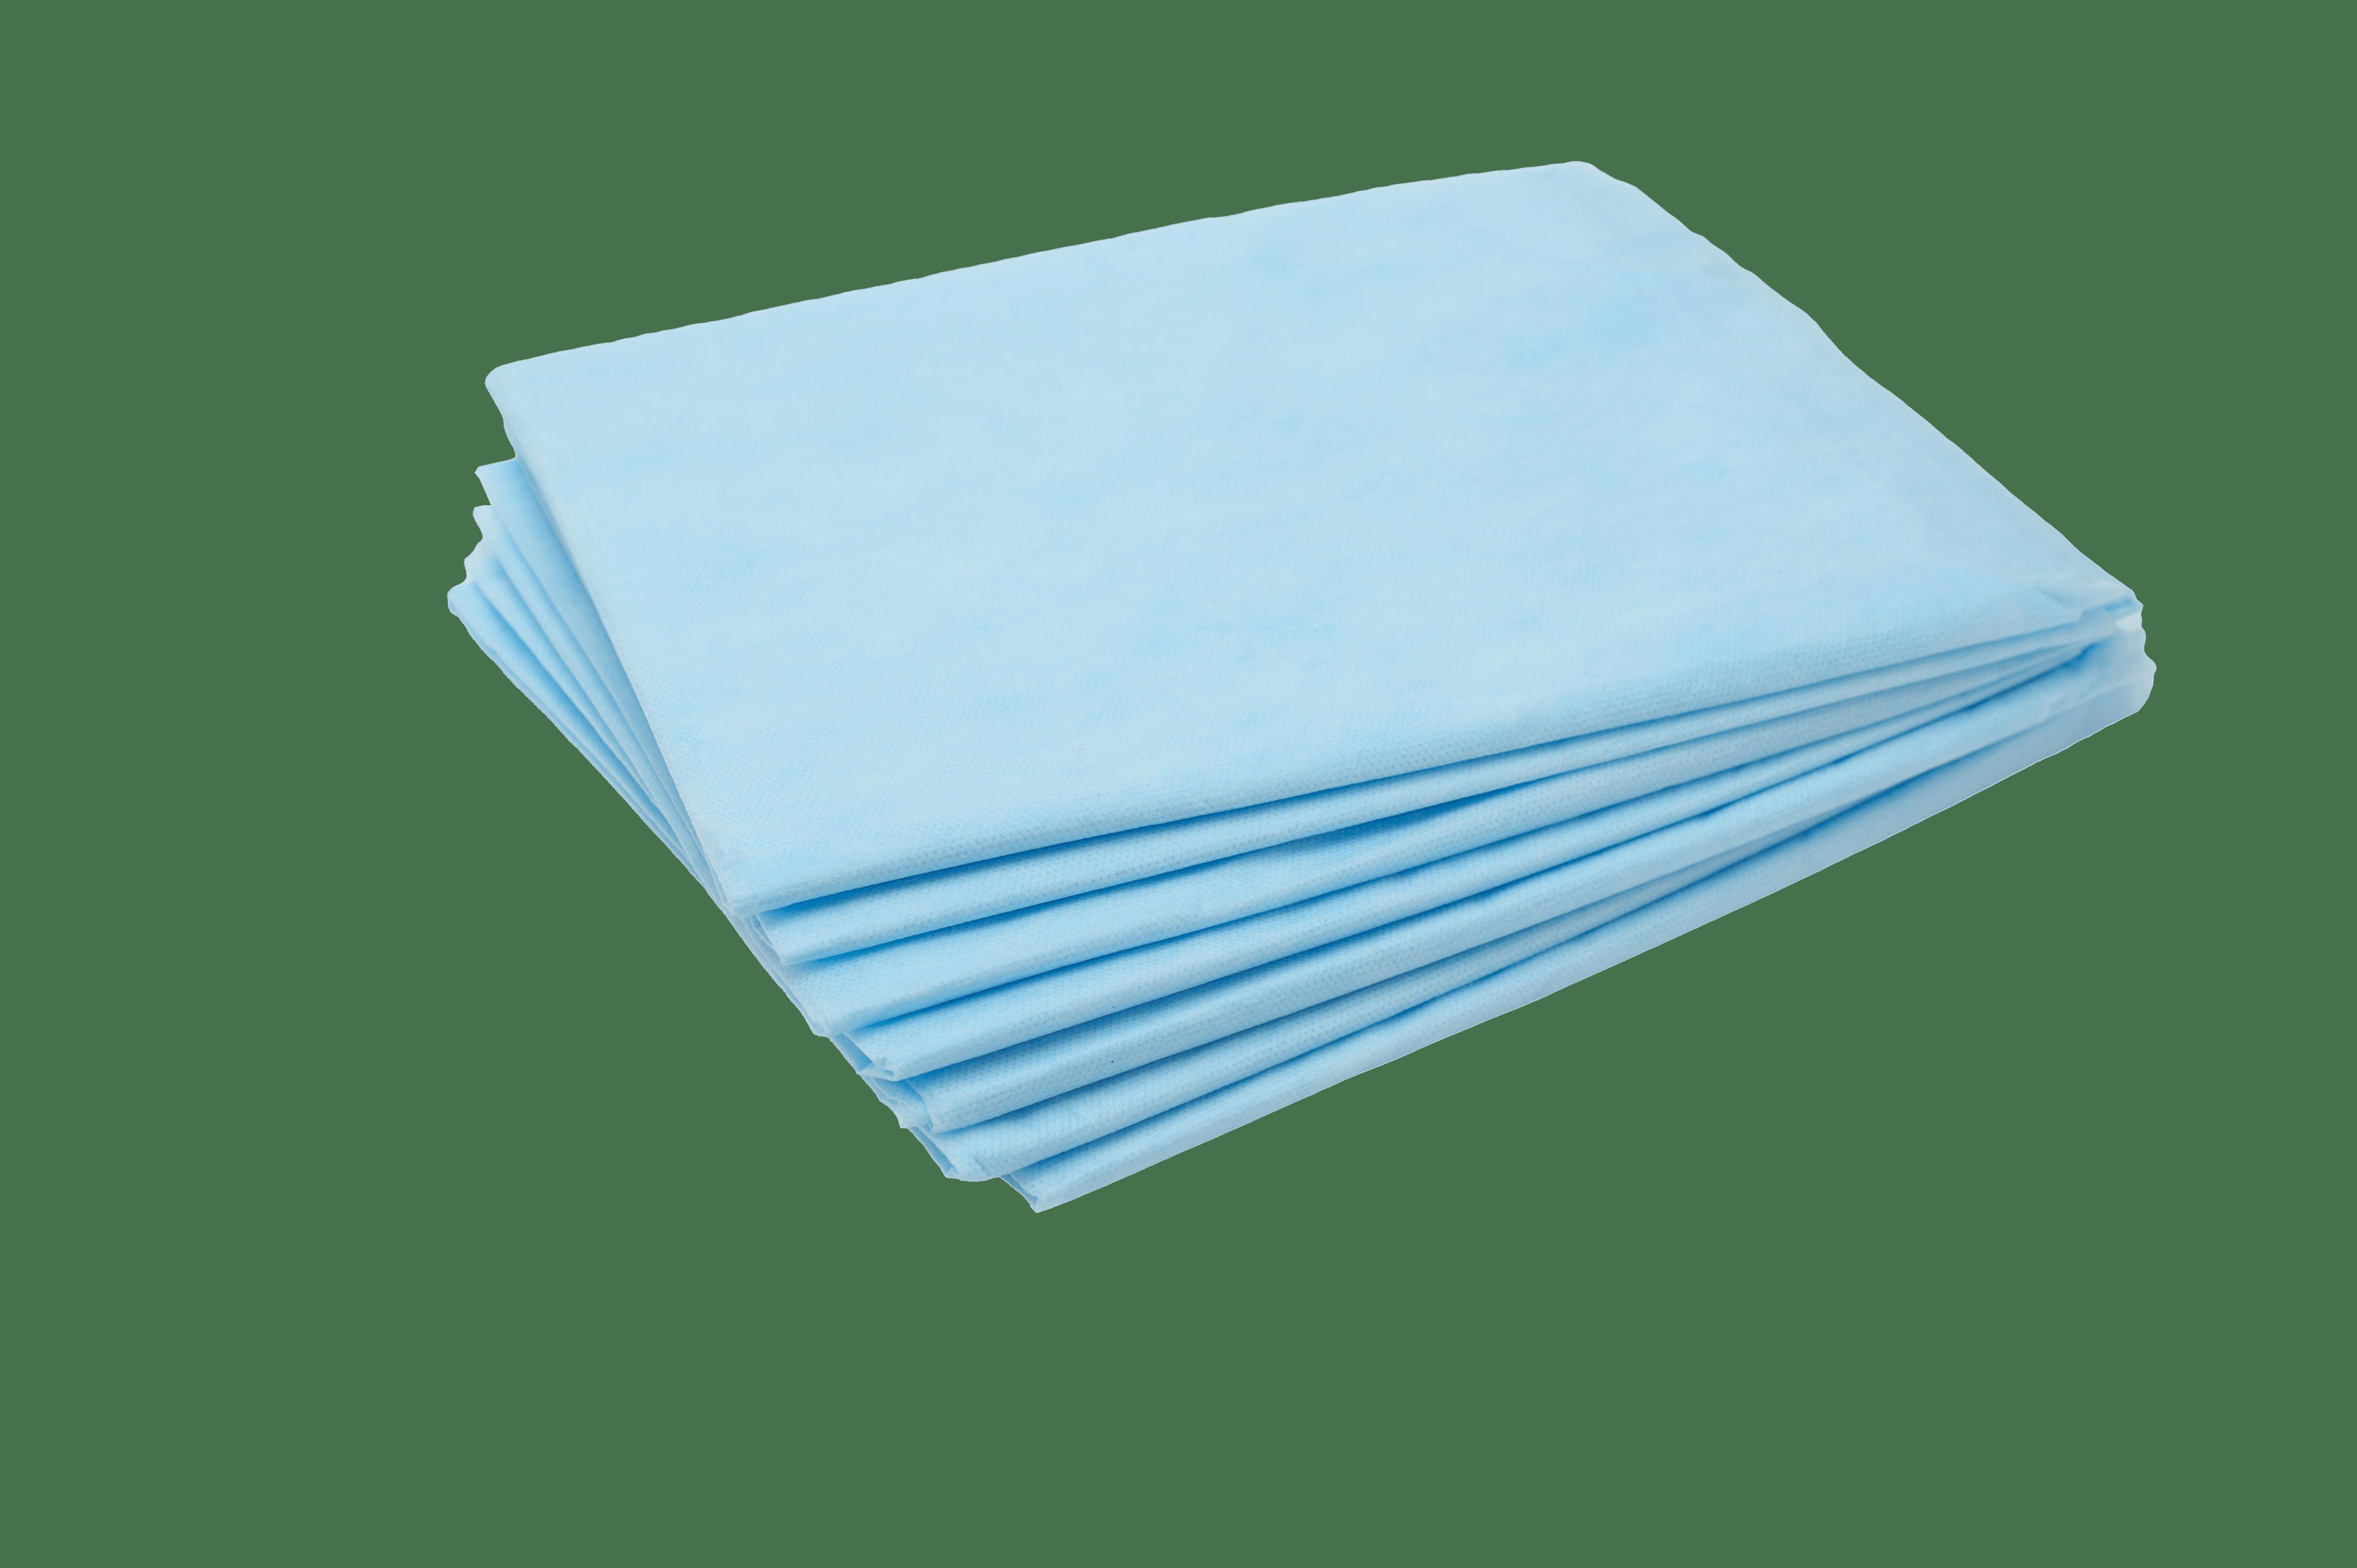 Простыни одноразовые сложенные, синие 200х80см (25шт/уп) - изображение